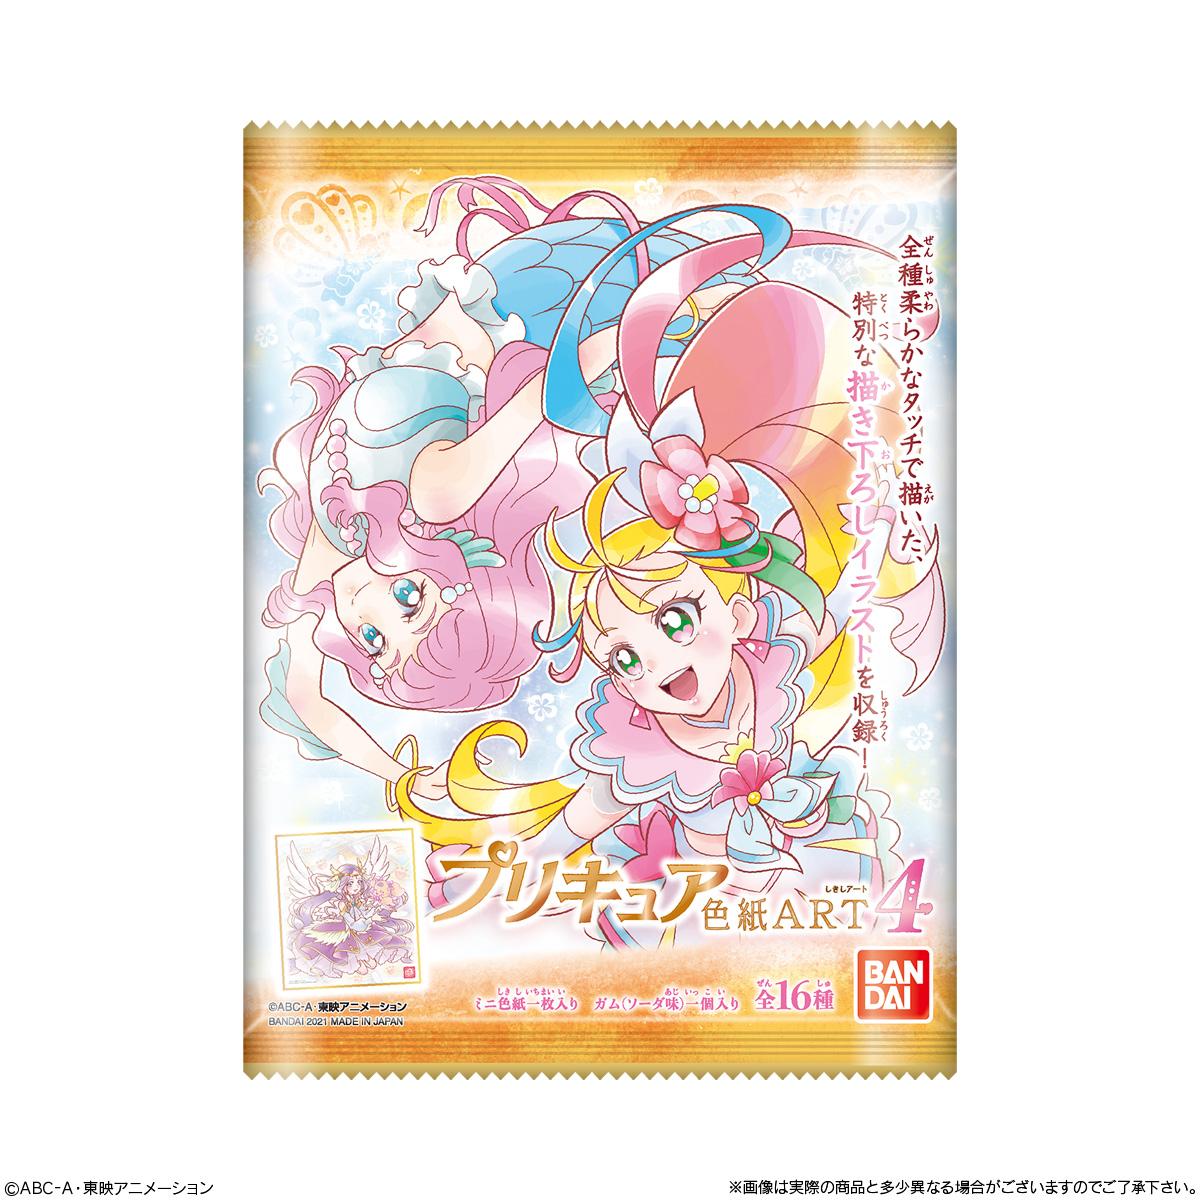 【食玩】プリキュア『プリキュア色紙ART4』10個入りBOX-007